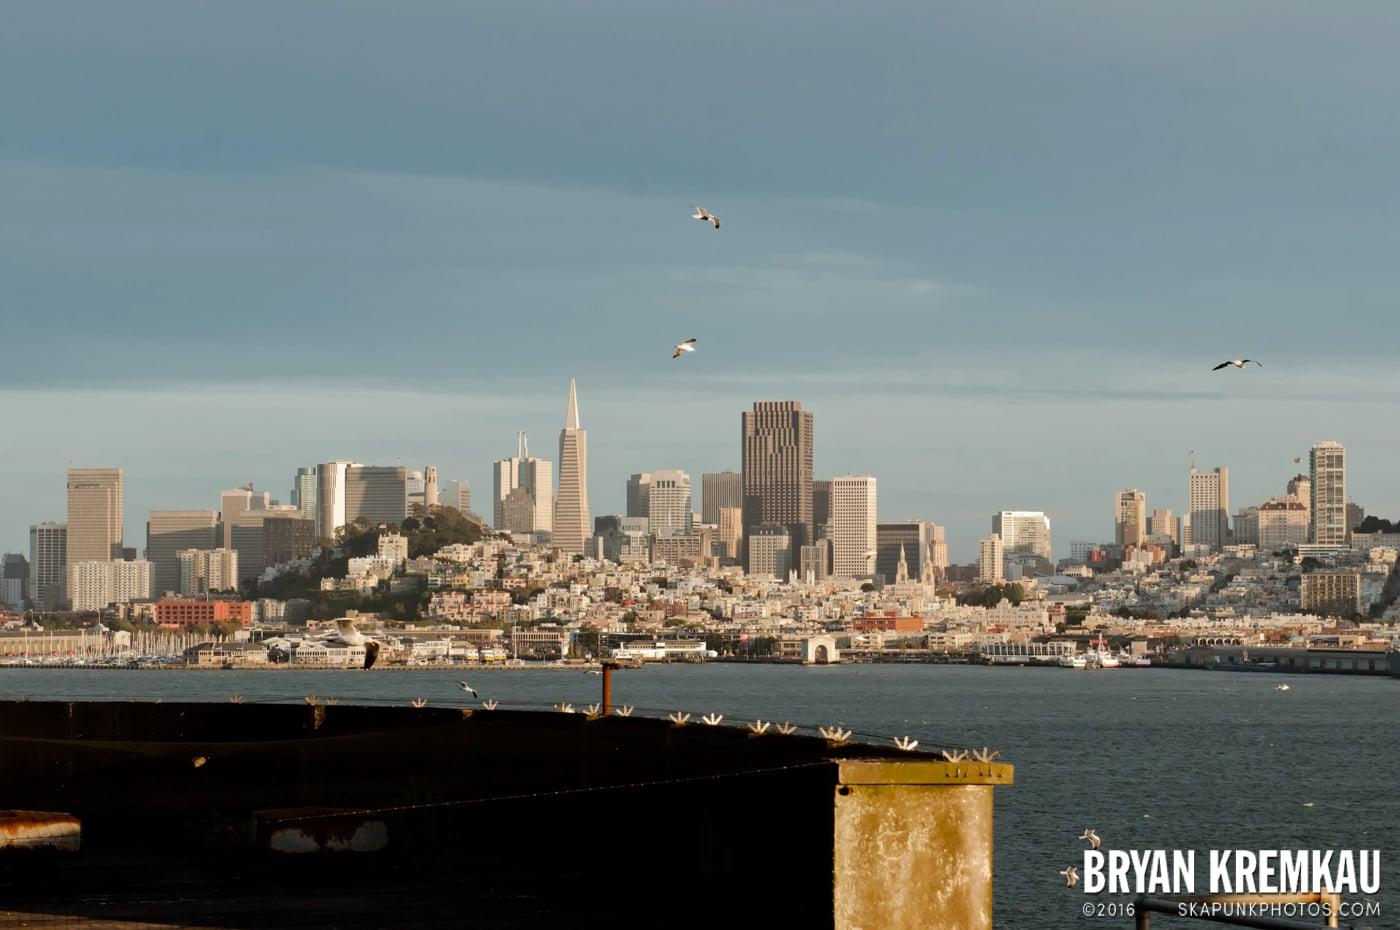 San Francisco Vacation - Day 3 - 4.30.12 (19)